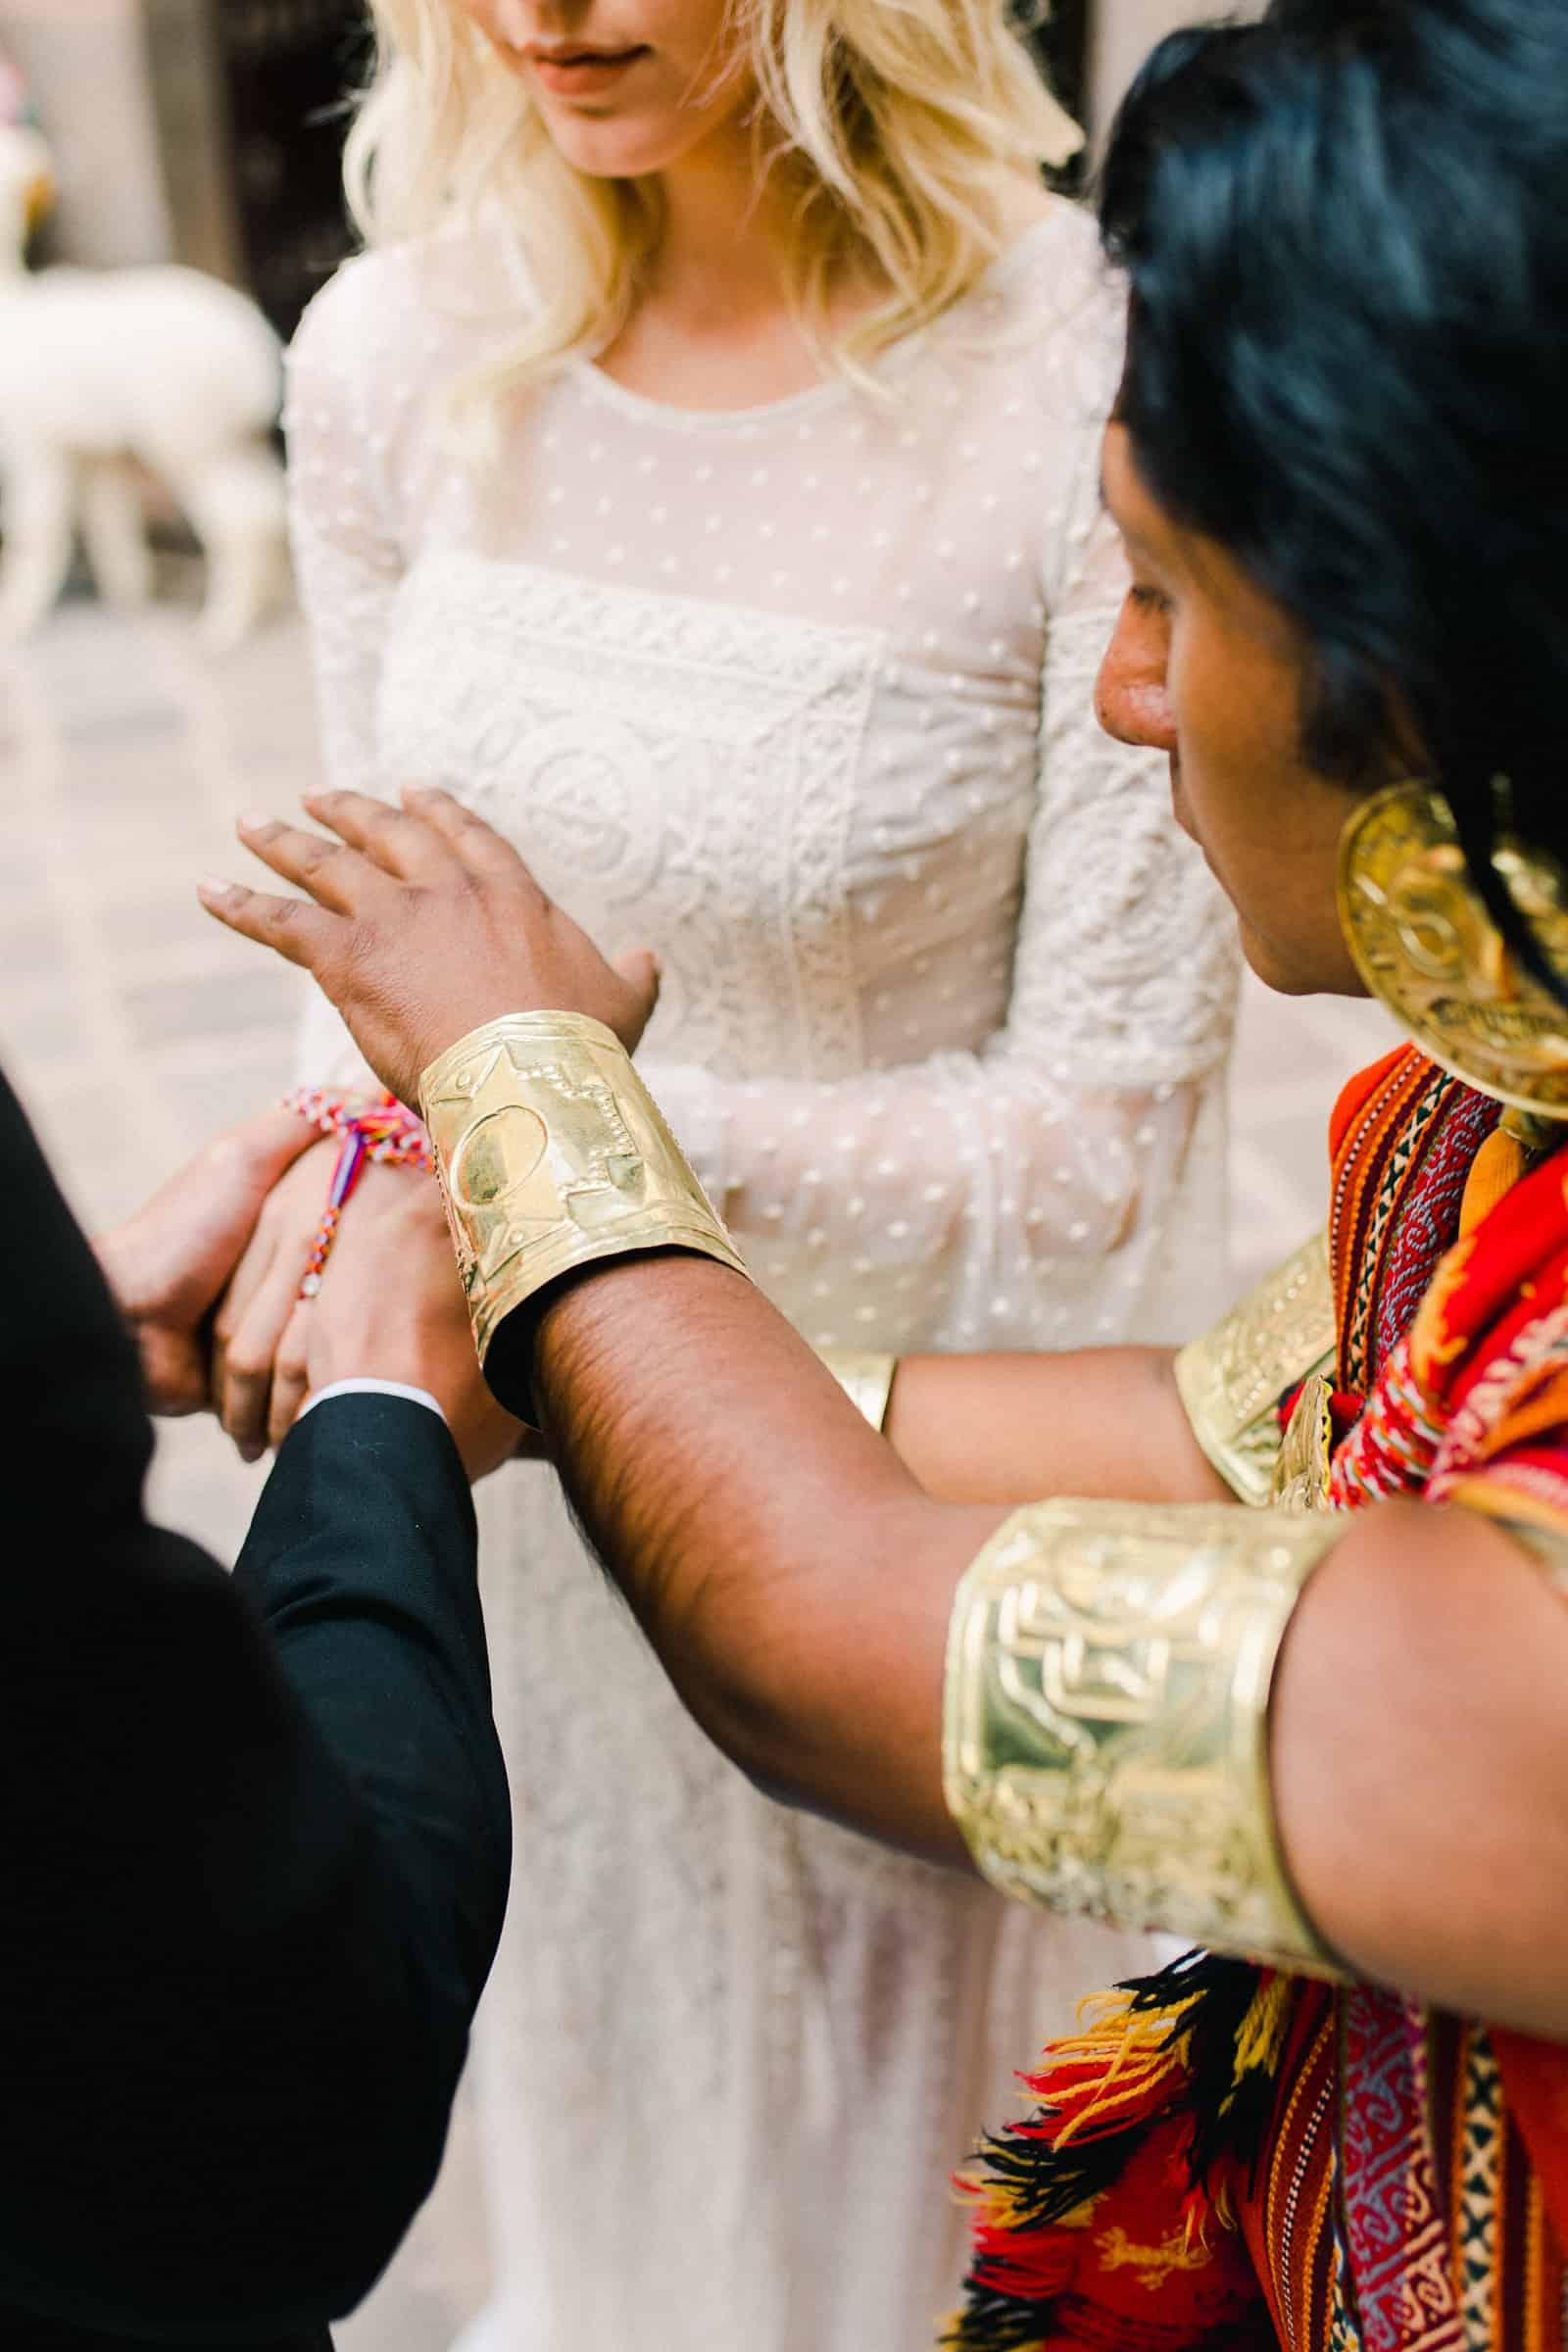 Cusco Peru Destination Wedding, travel wedding photography, Plaza de Armas ceremony with shaman boho wedding